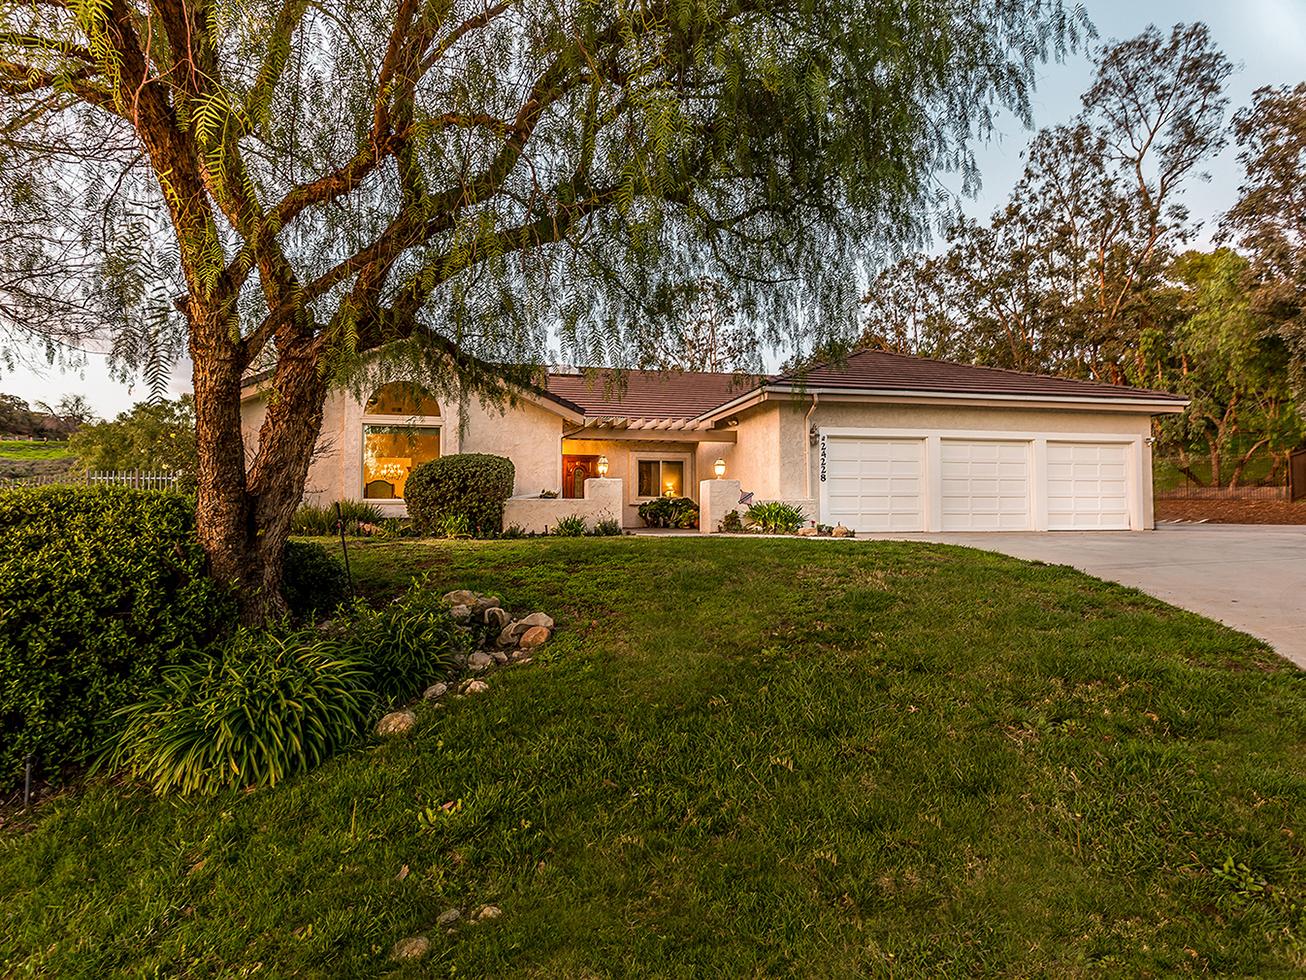 Maison unifamiliale pour l Vente à 24228 Dry Canyon Cold Creek Rd, Calabasas 24228 Dry Canyon Cold Creek Rd. Calabasas, Californie, 91302 États-Unis